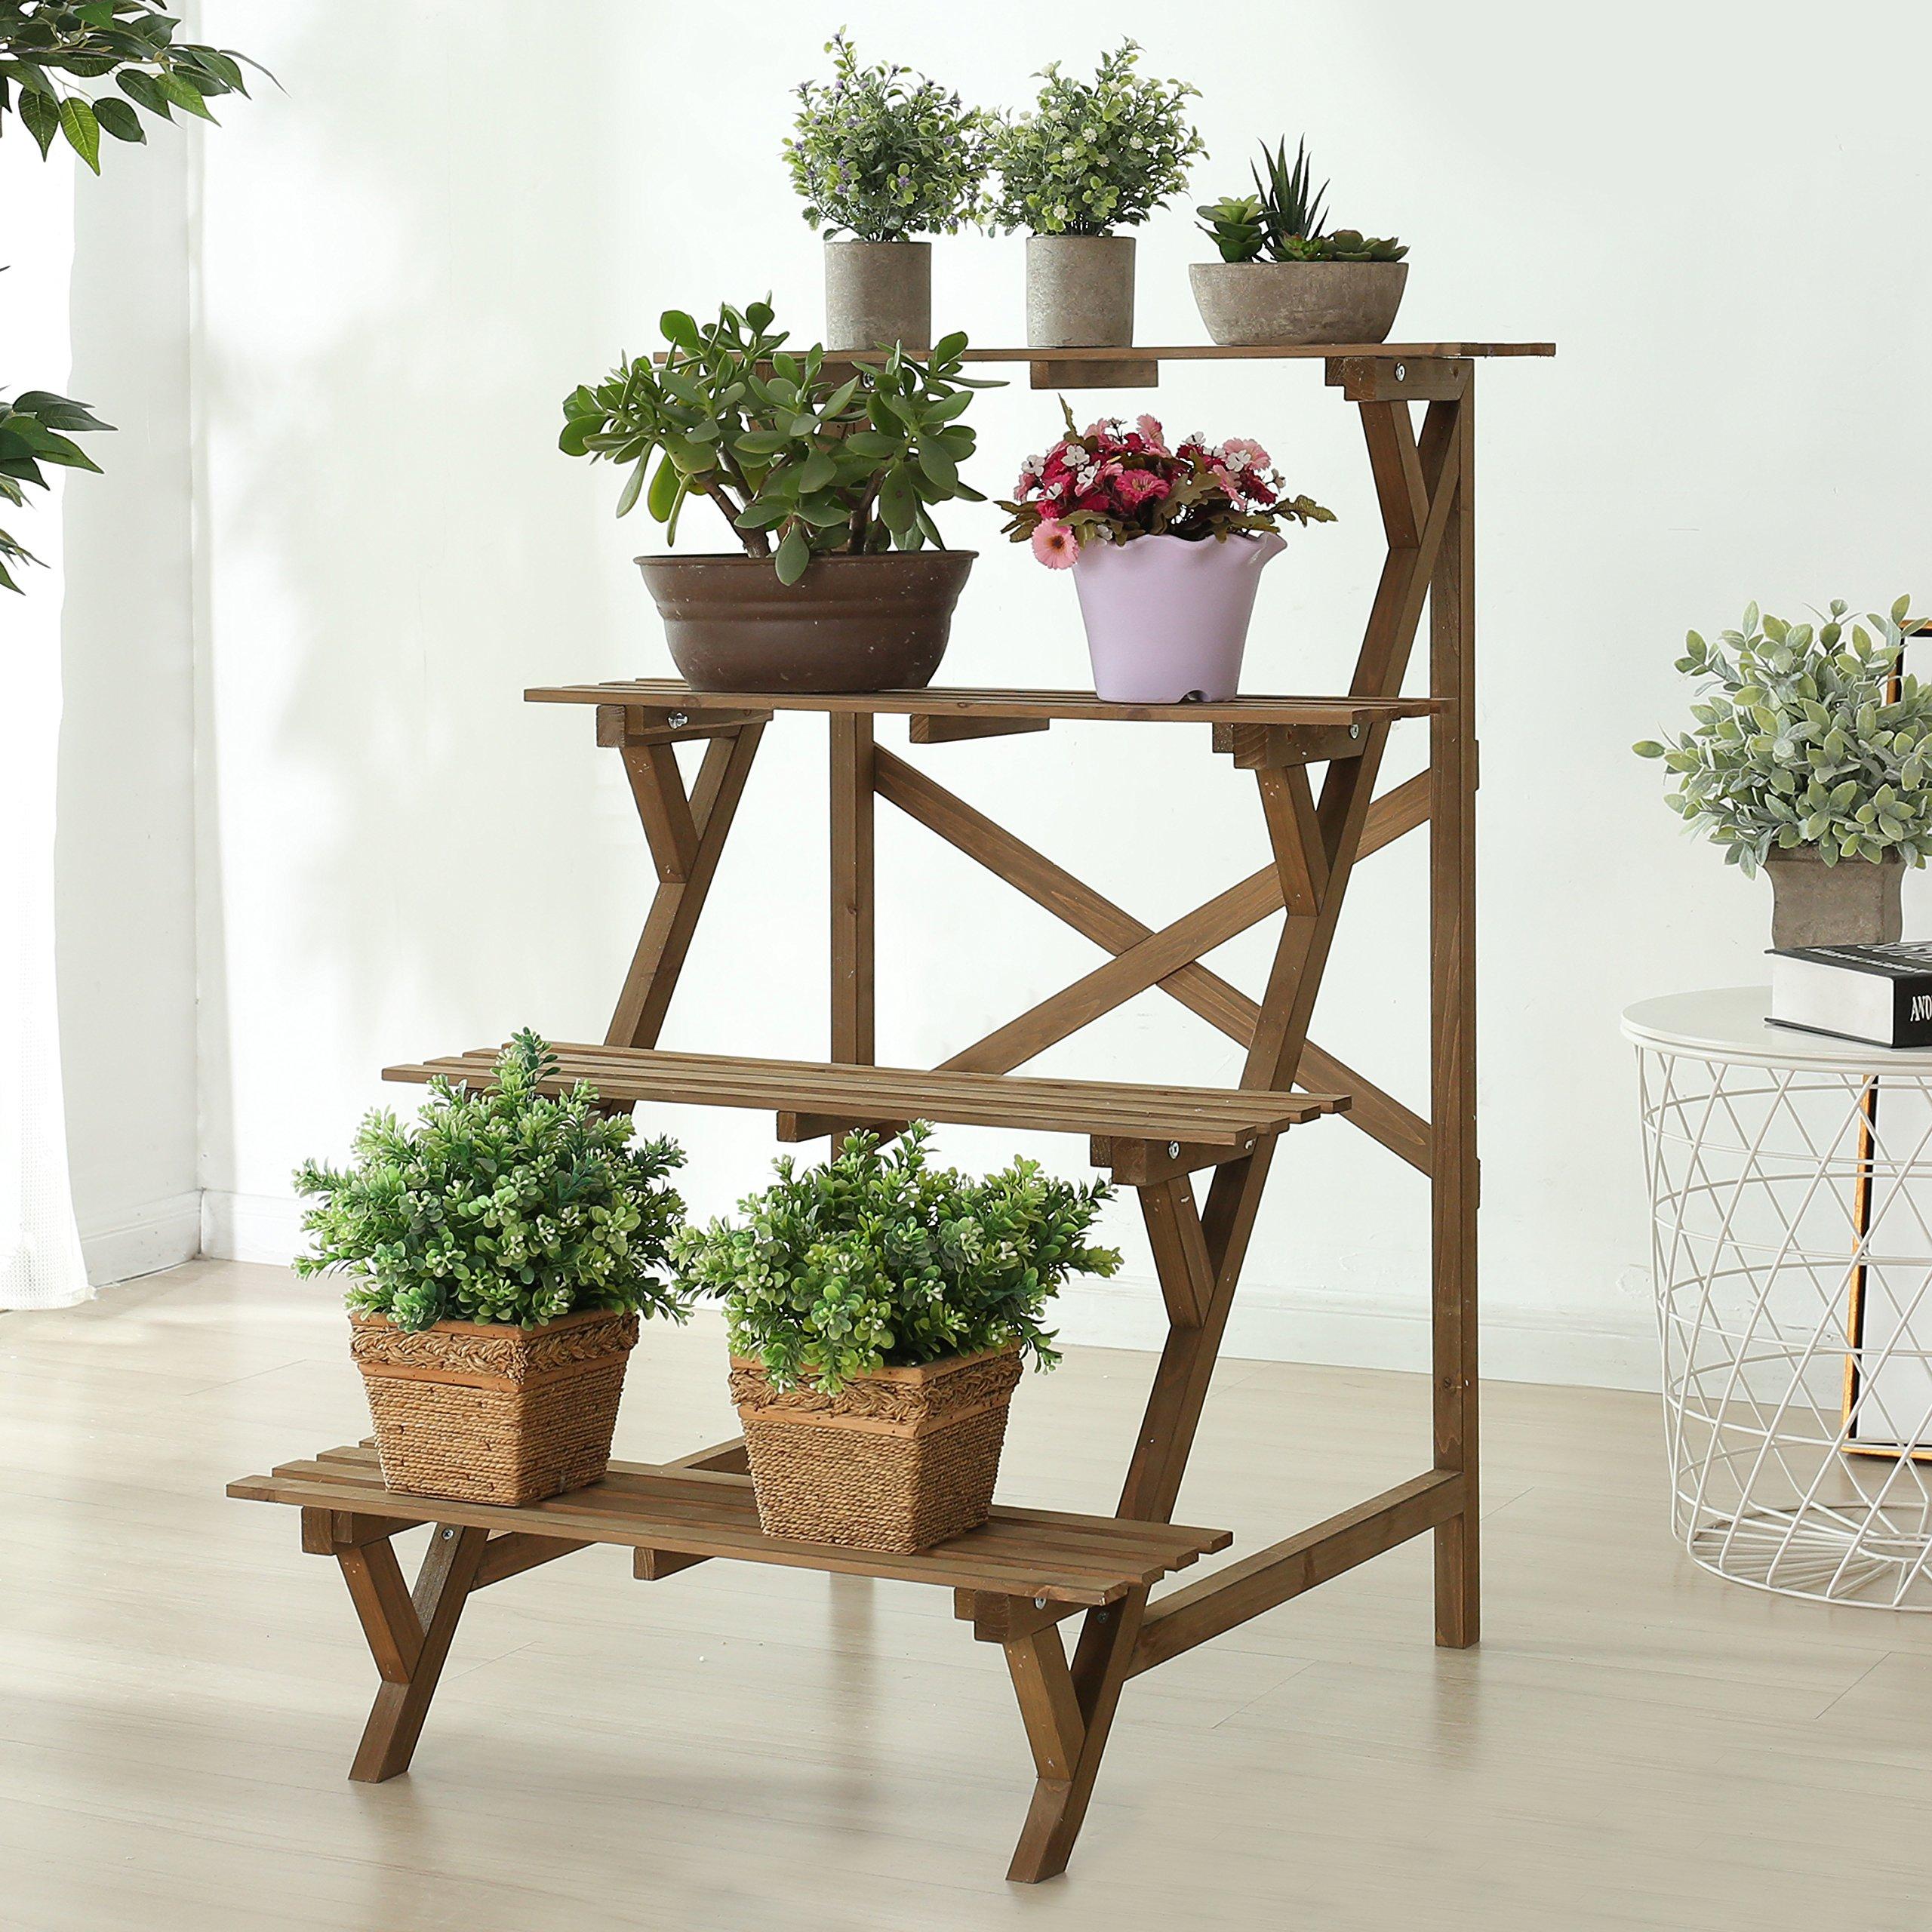 4 Tier Wood Slat Plant Rack, Indoor / Outdoor Garden Display Stand Shelf by MyGift